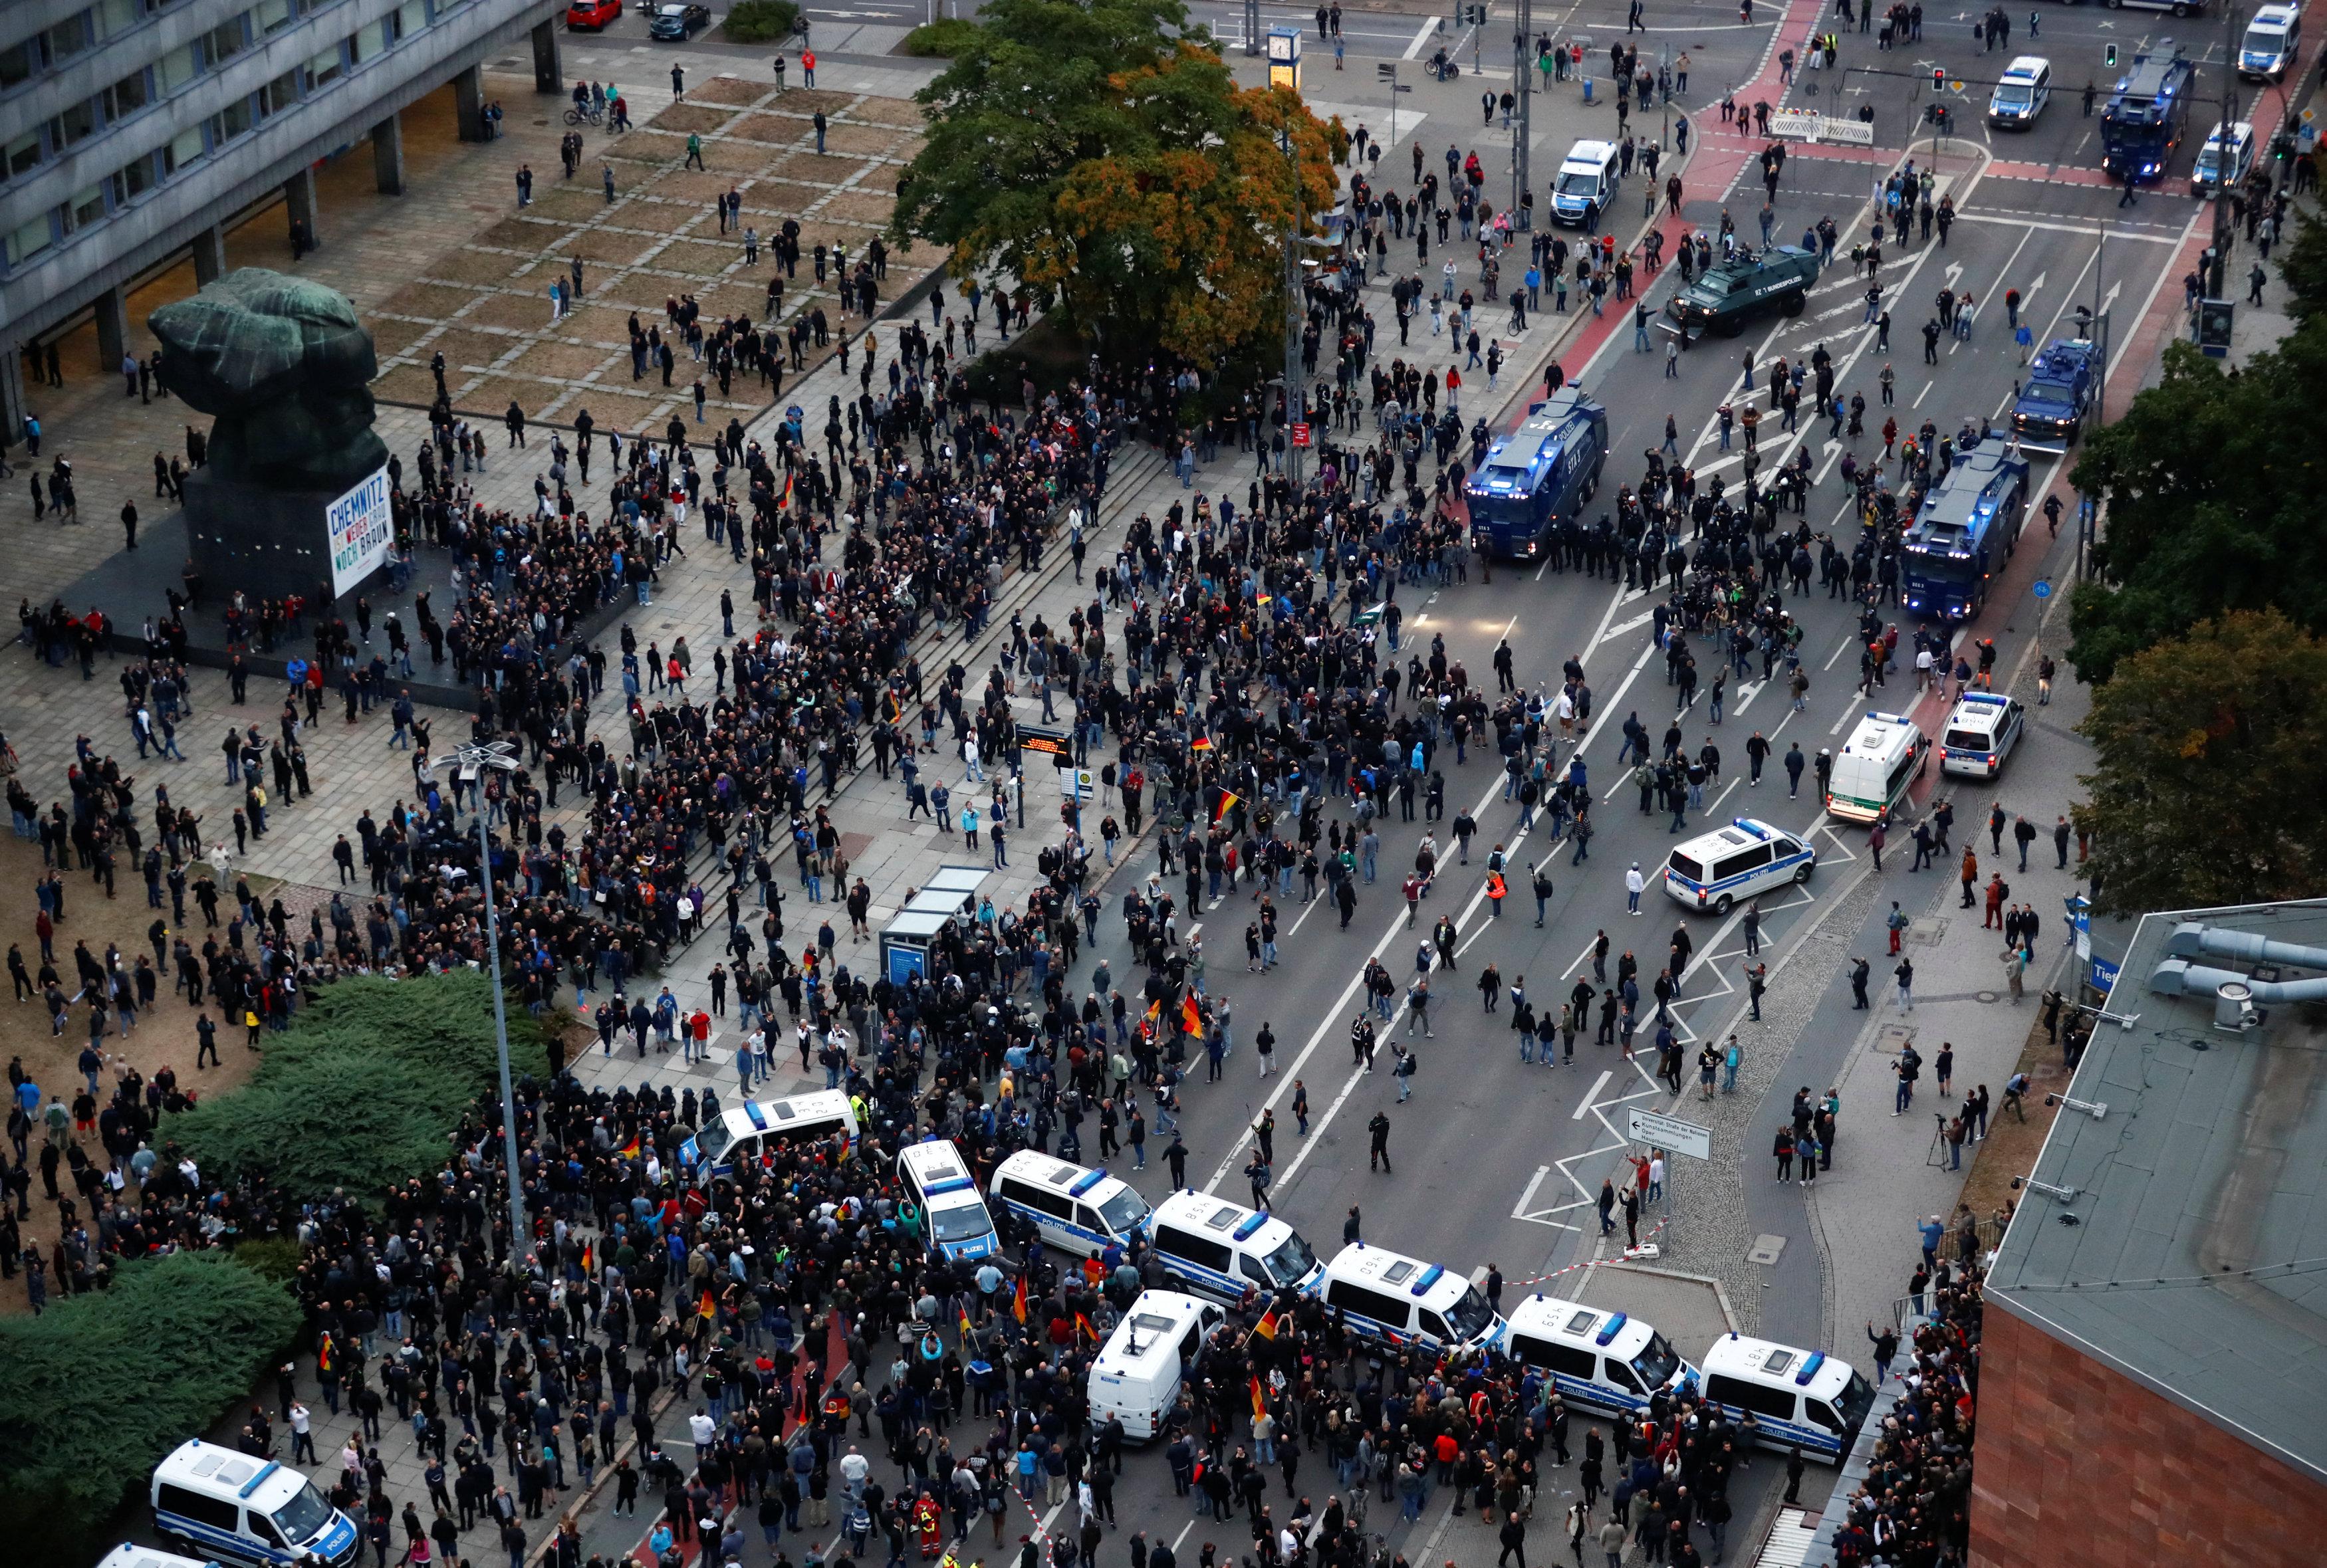 قمع الشرطة الألمانية المظاهرات